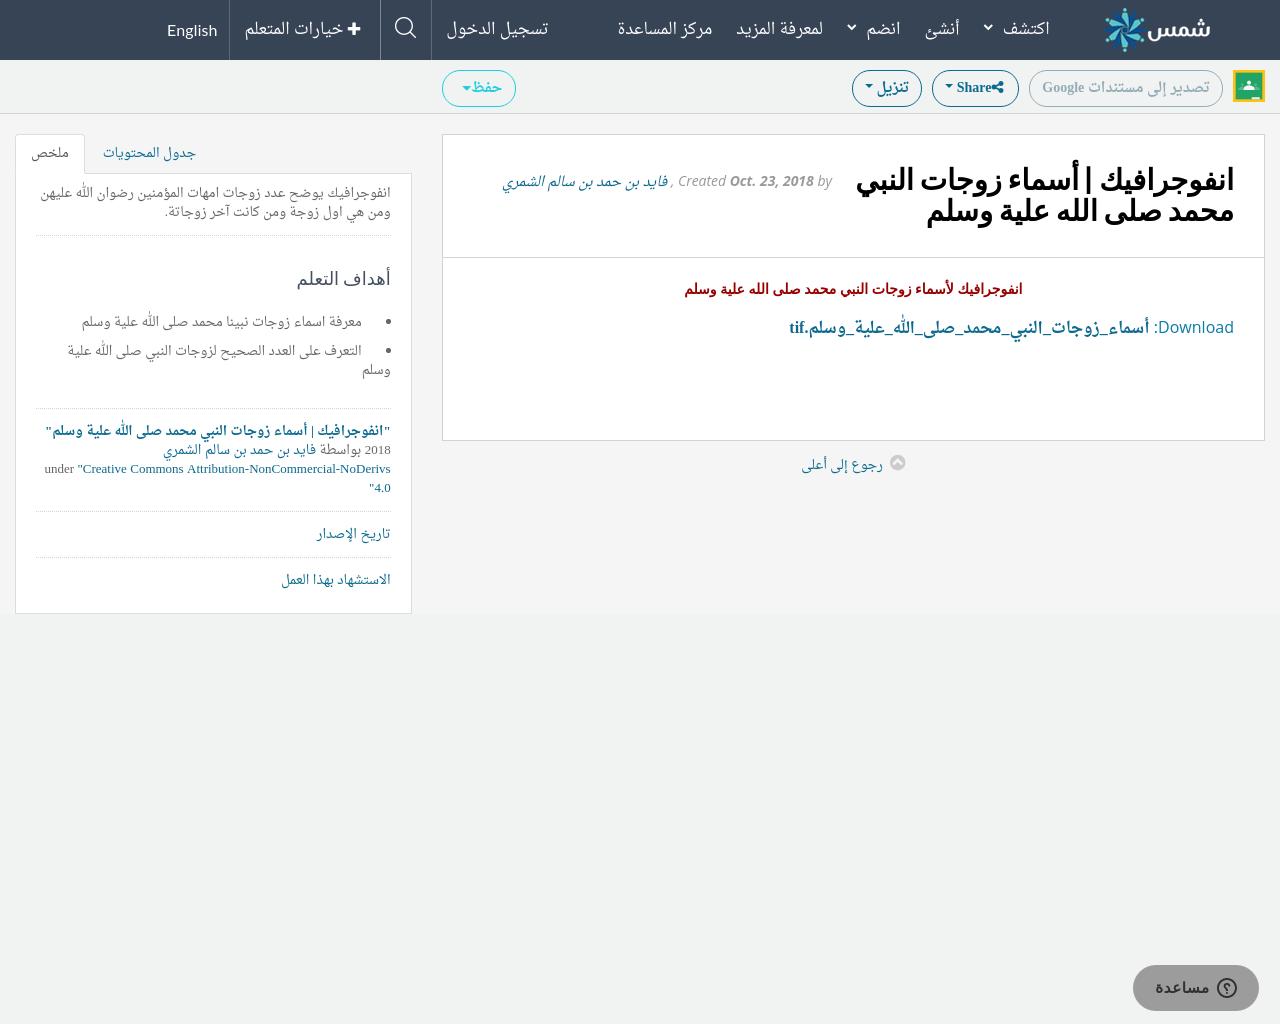 انفوجرافيك أسماء زوجات النبي محمد صلى الله علية وسلم